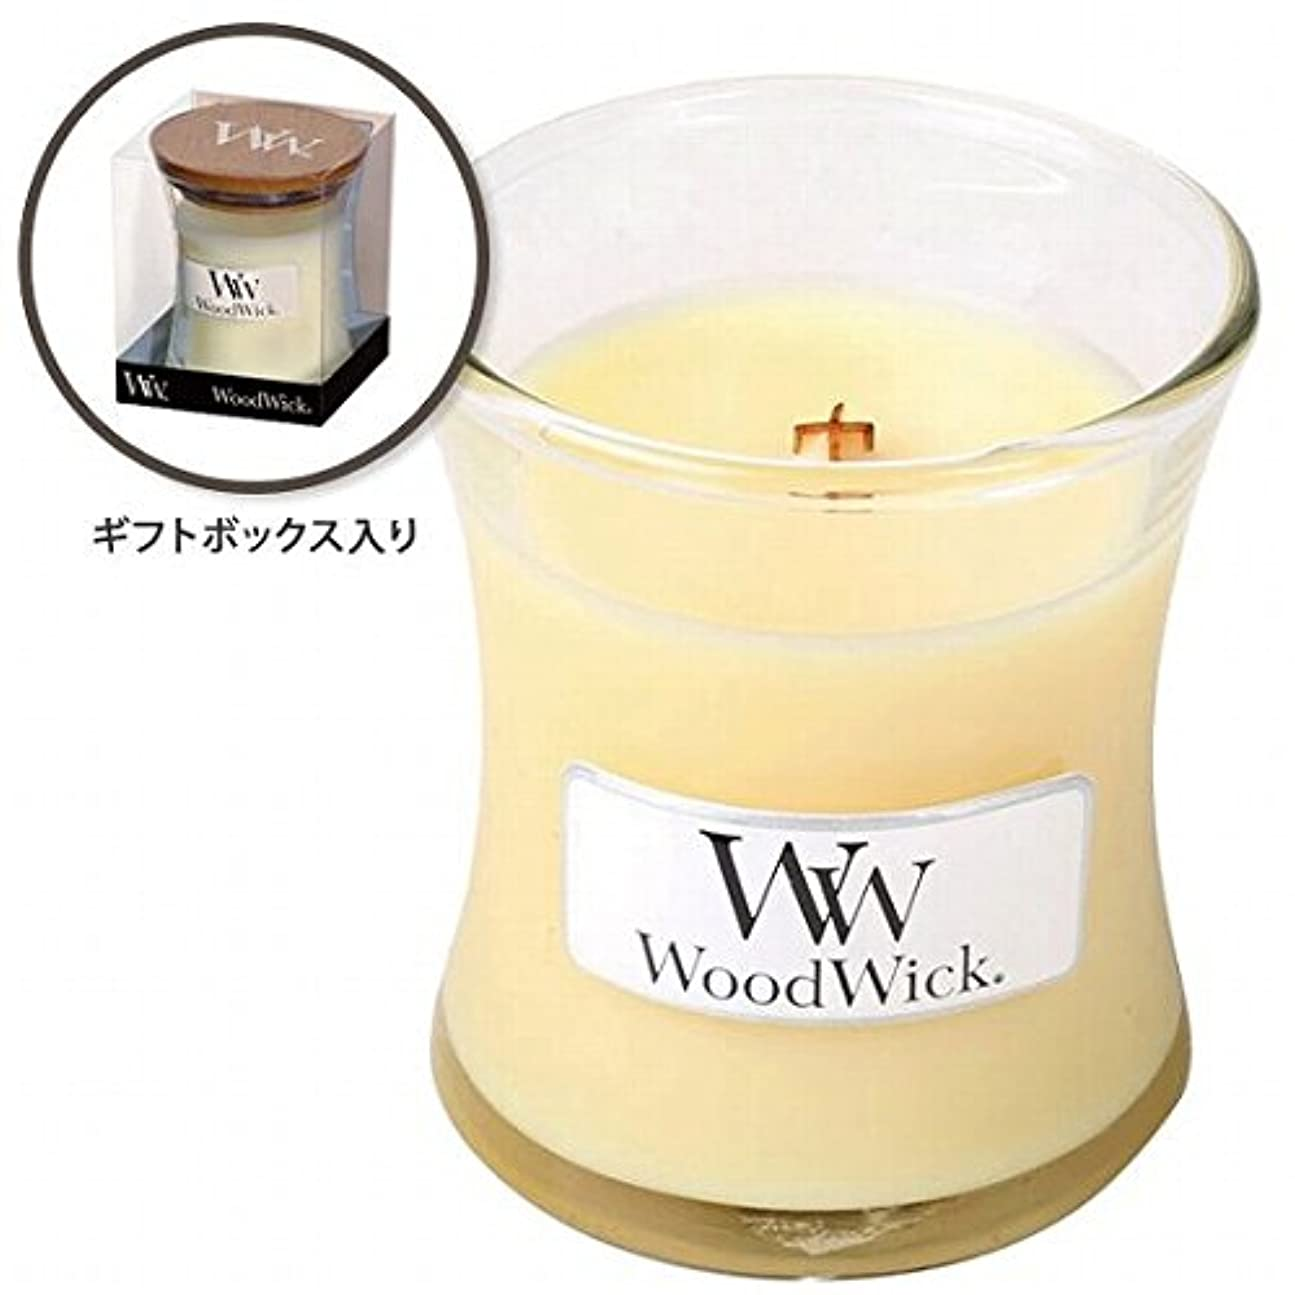 溶融キャスト命令的ウッドウィック( WoodWick ) Wood WickジャーS 「レモングラス&リリー」